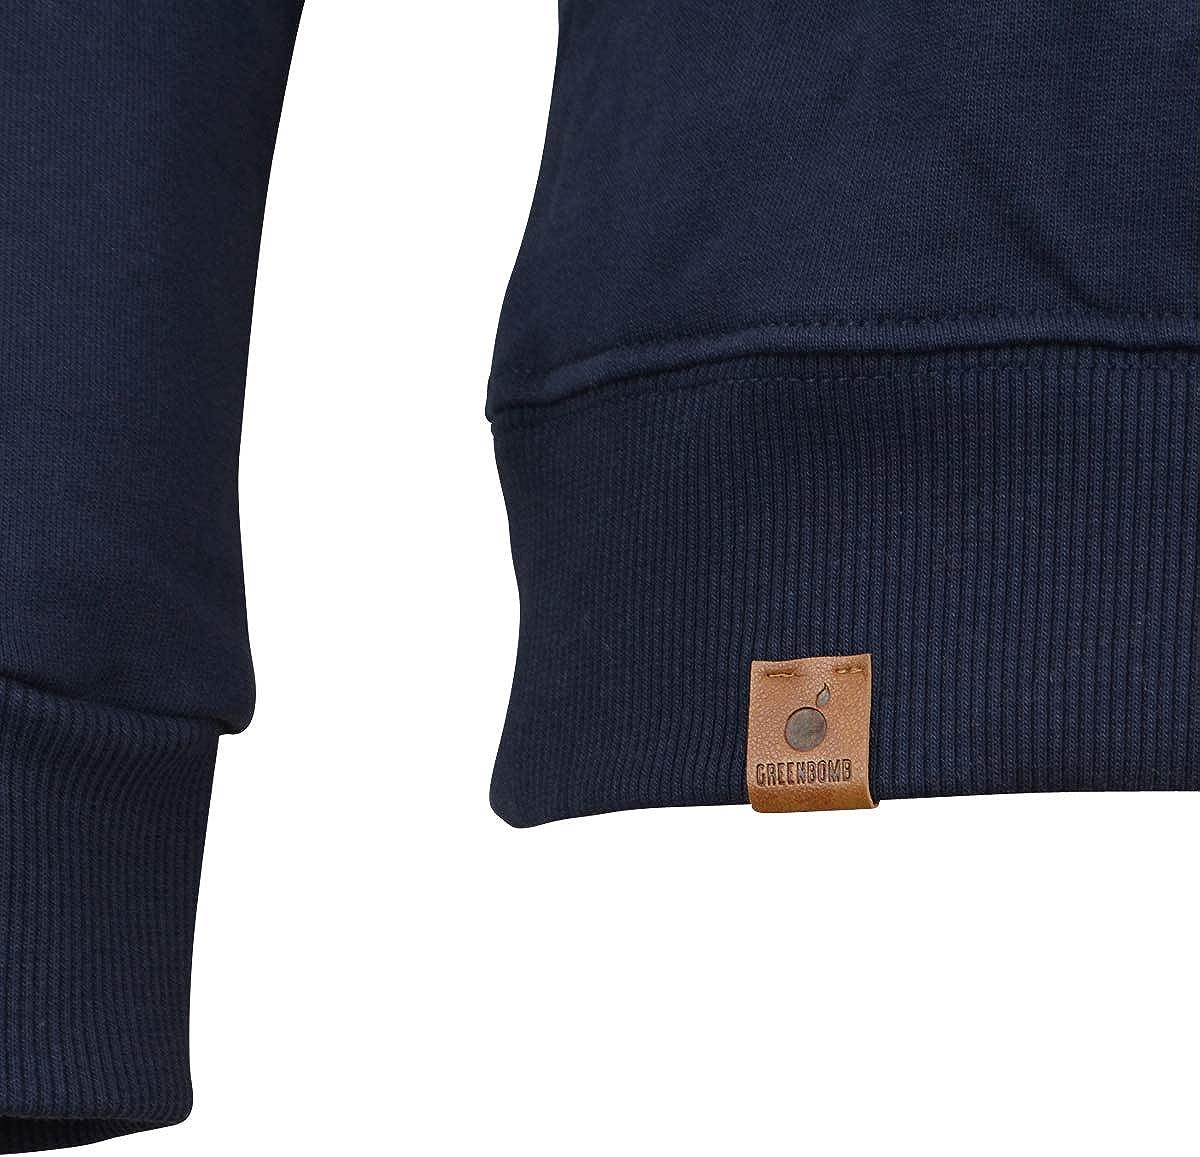 Greenbomb Männer Sweatshirt Bike Badge blau Dunkelblau